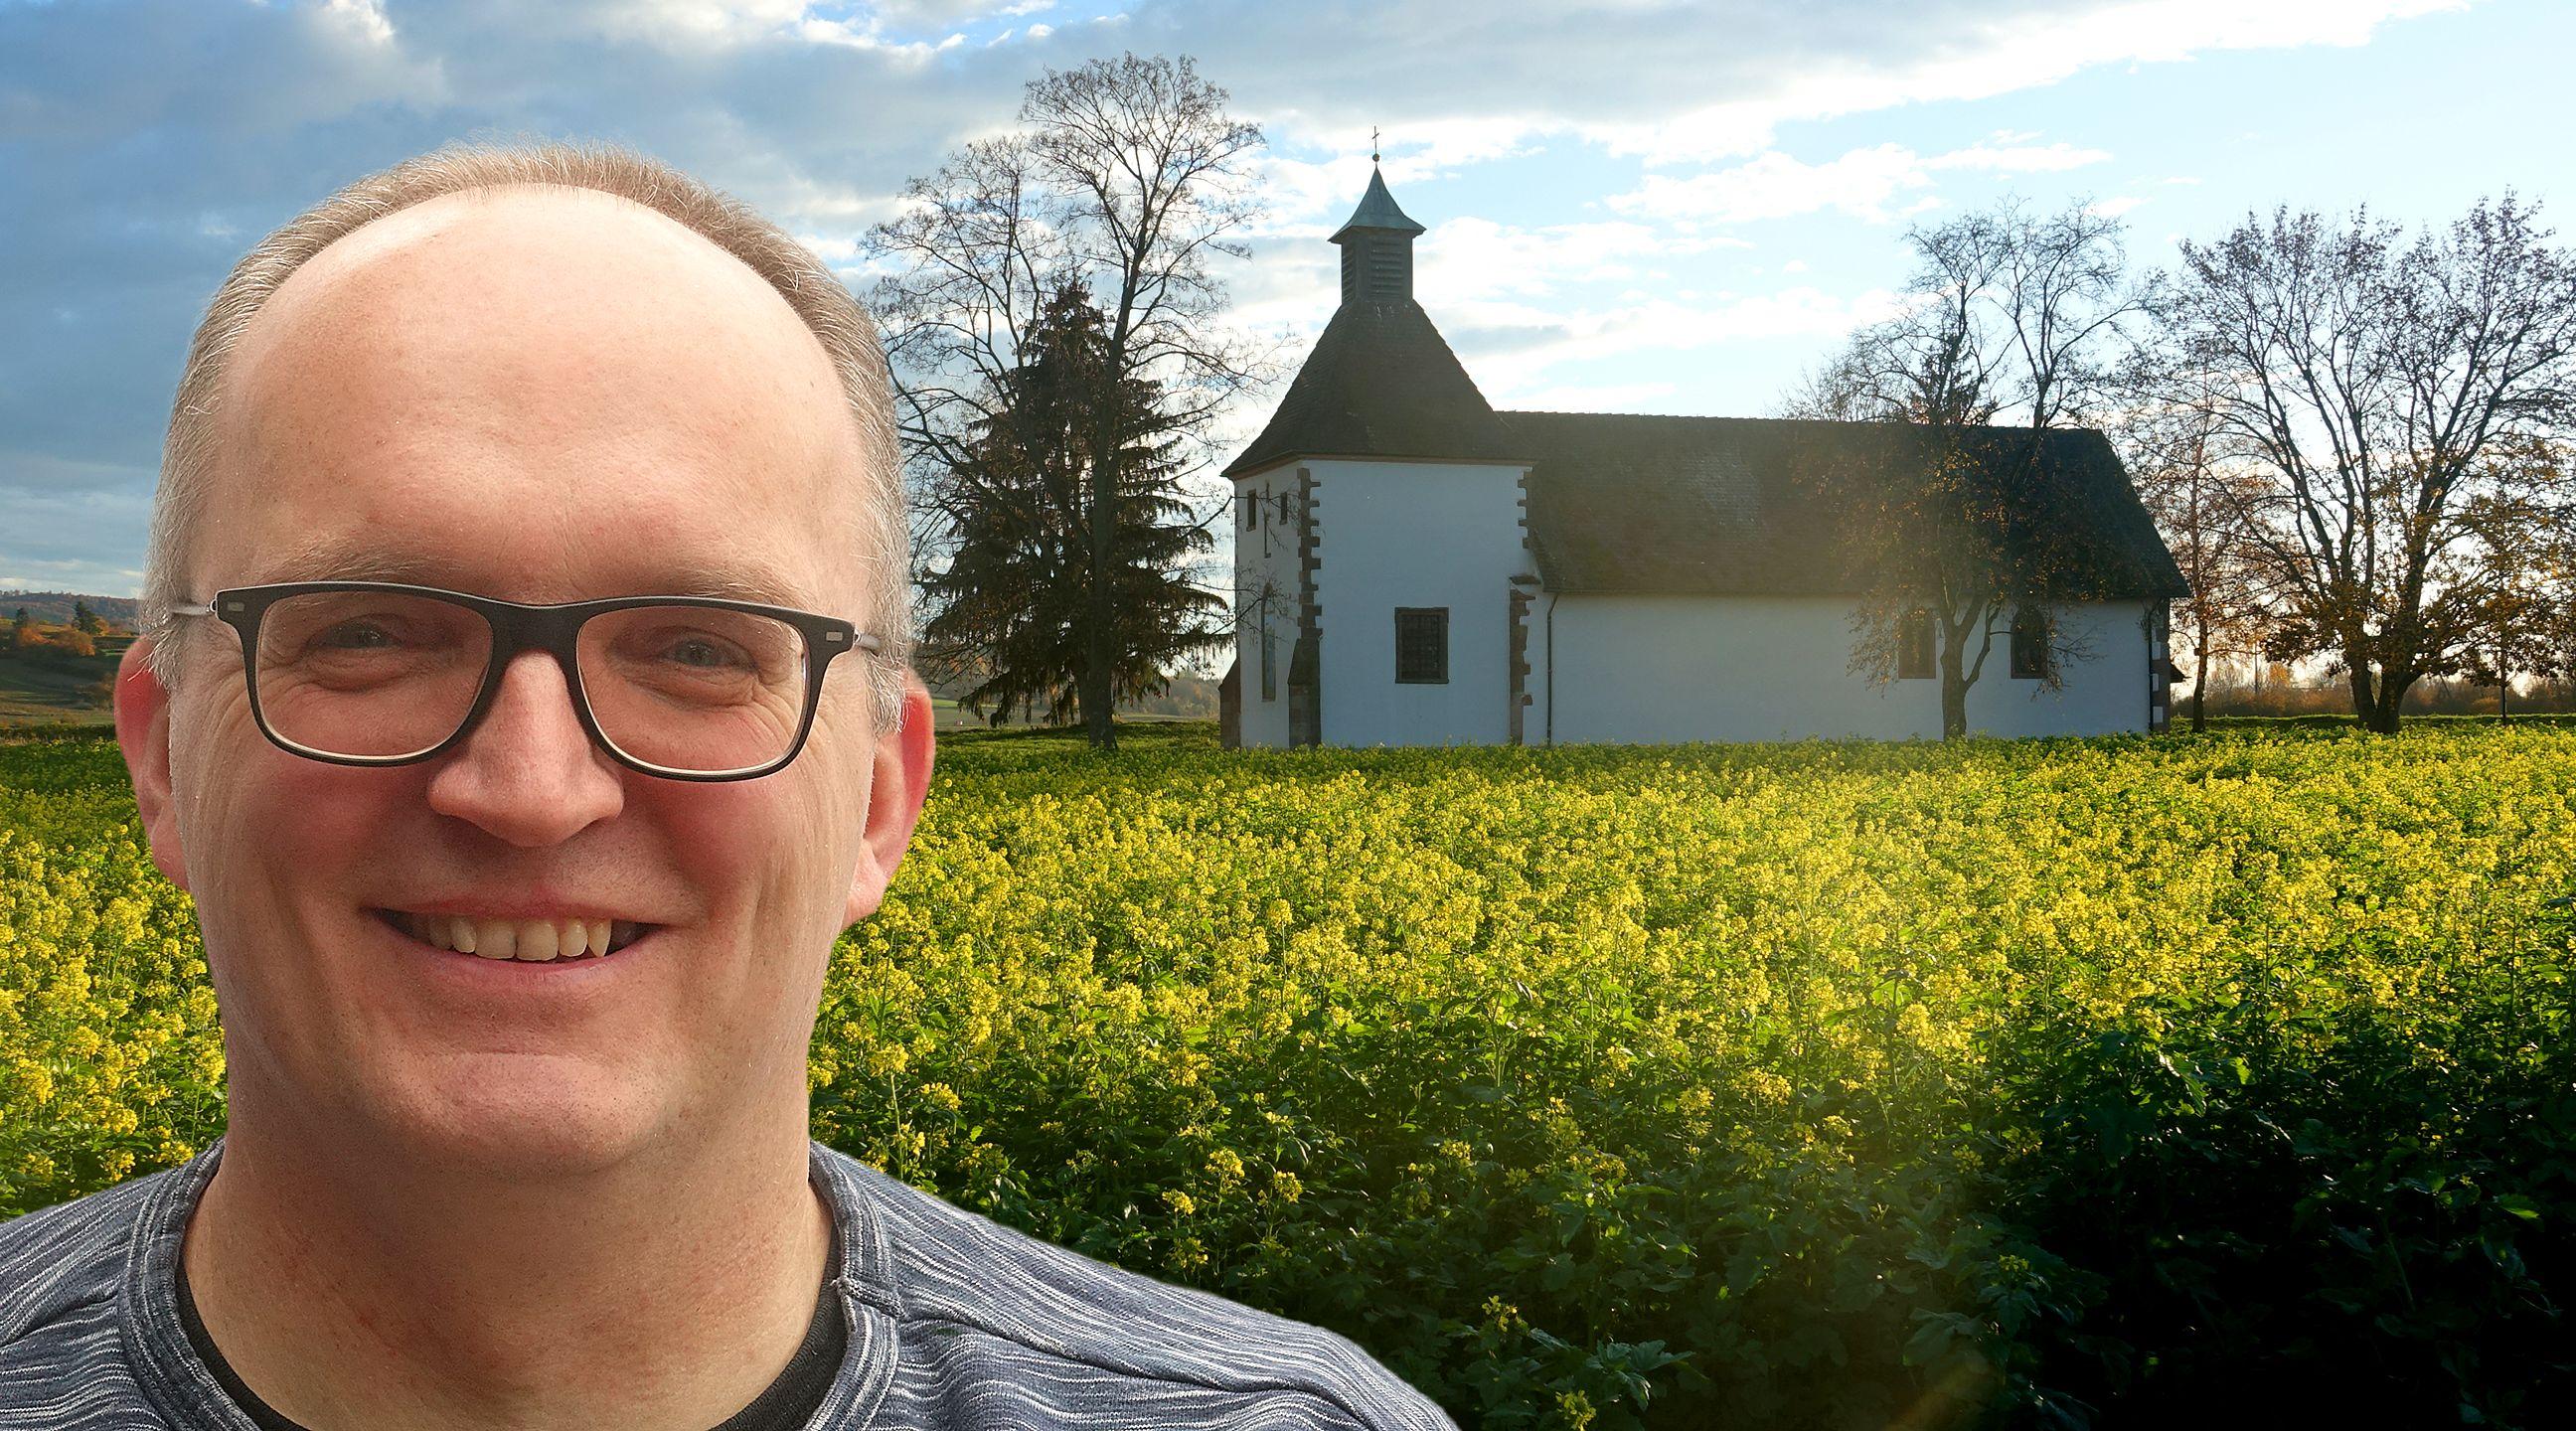 Foto-Collage: Mann mit Brille und hoher Stirn vor kleinen Kirche im Grünen